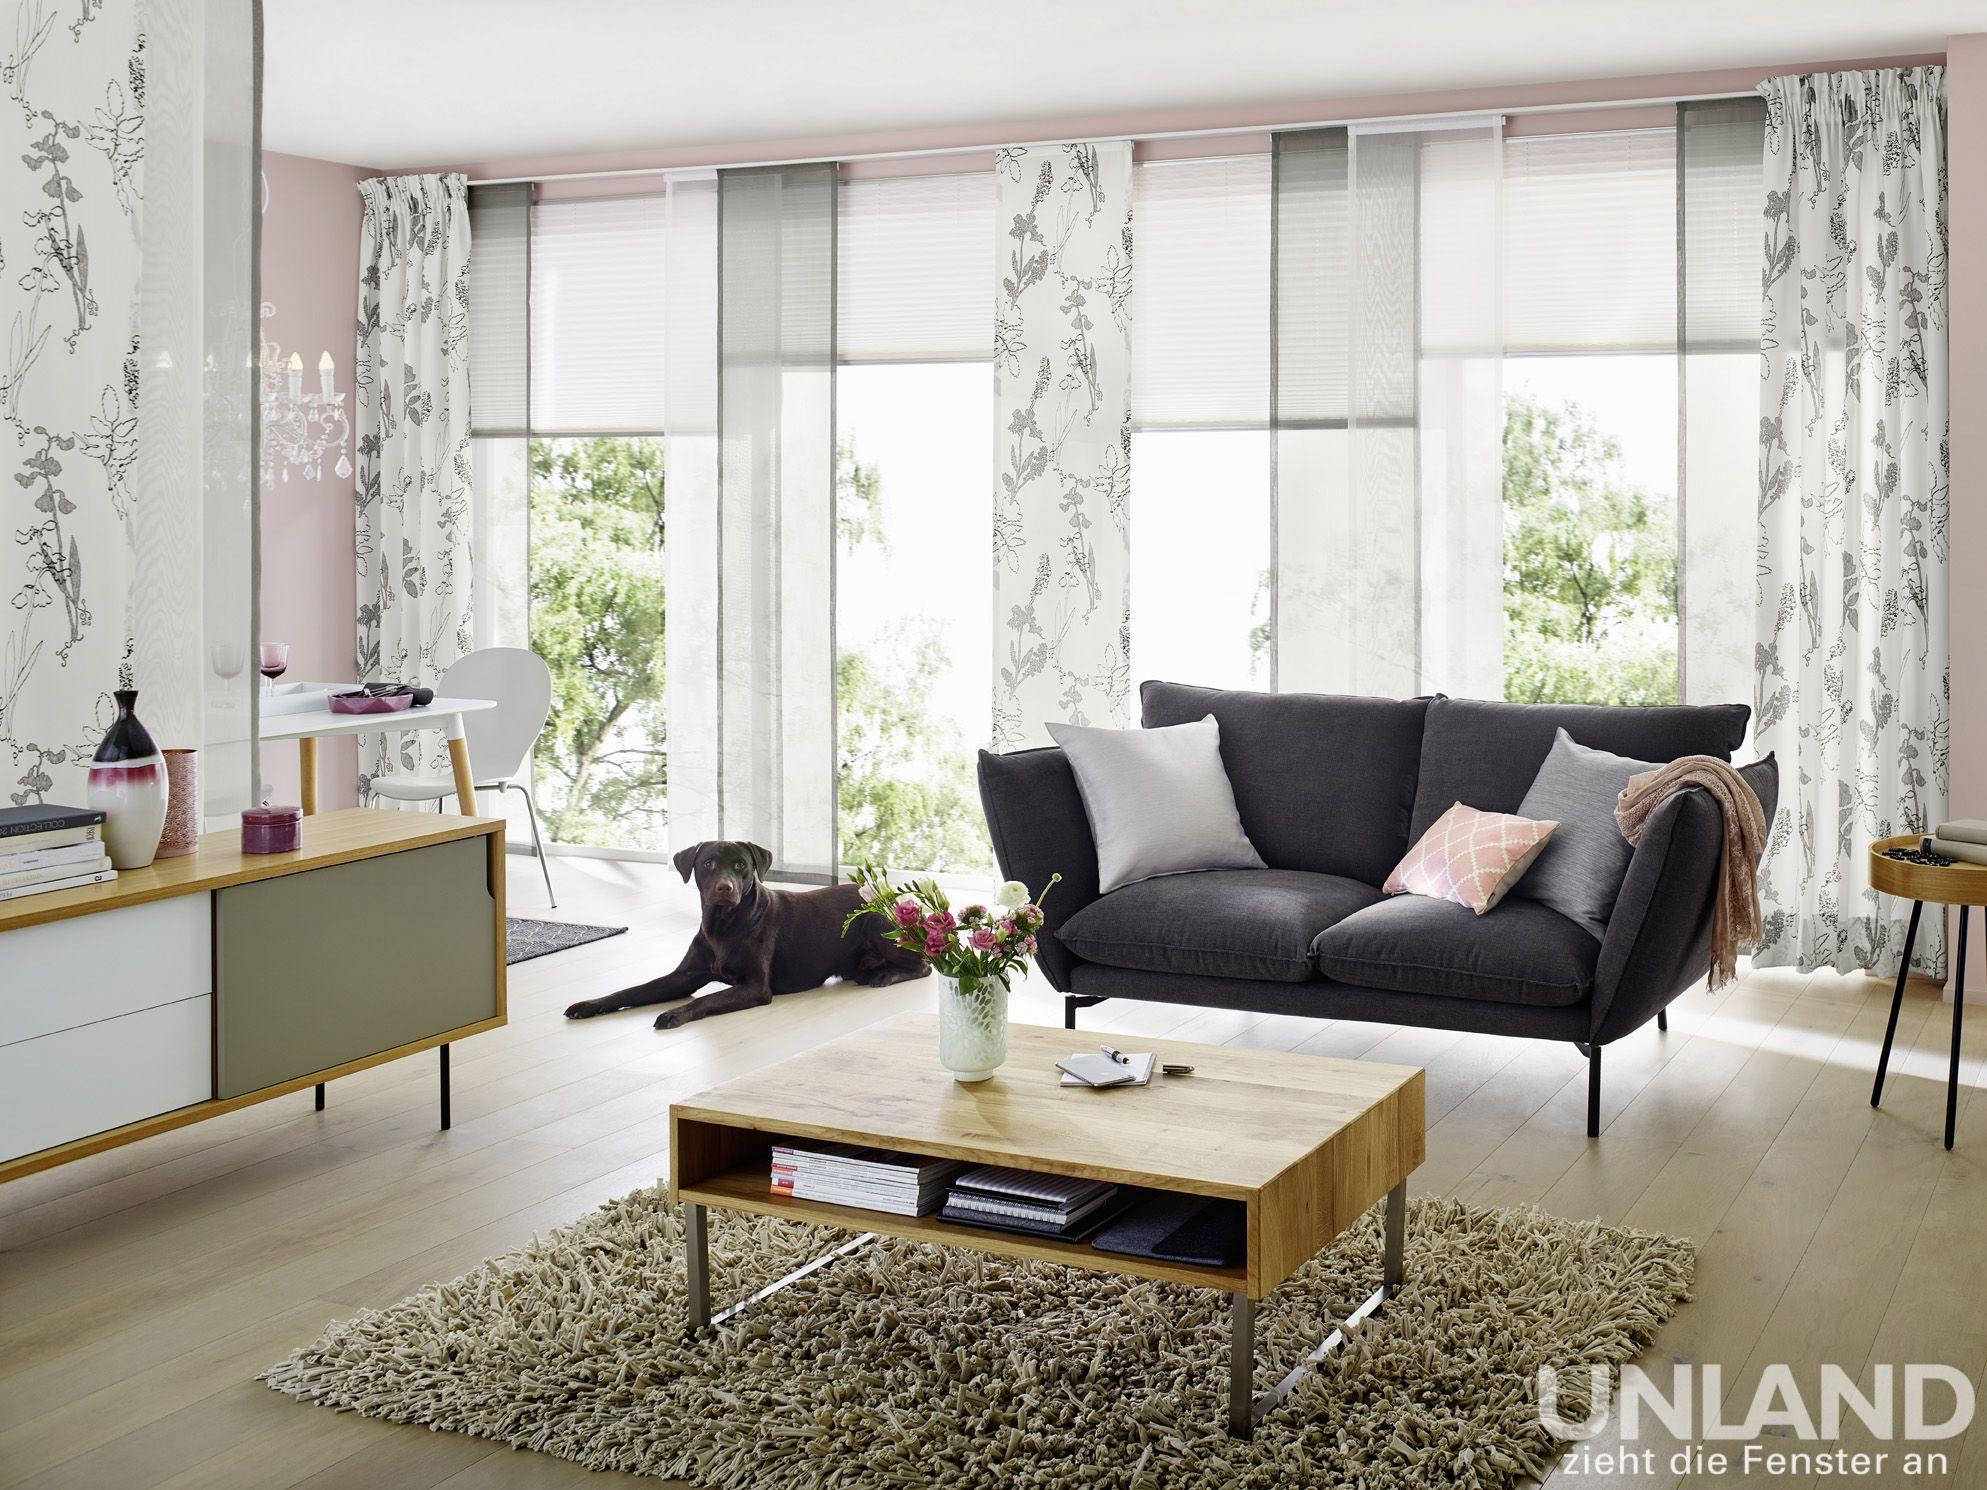 Full Size of Fenster Botanic Sofa Kleines Wohnzimmer Sideboard Indirekte Beleuchtung Moderne Deckenleuchte Deko Lampe Decke Schrankwand Gardinen Für Kamin Stehleuchte Wohnzimmer Rollos Wohnzimmer